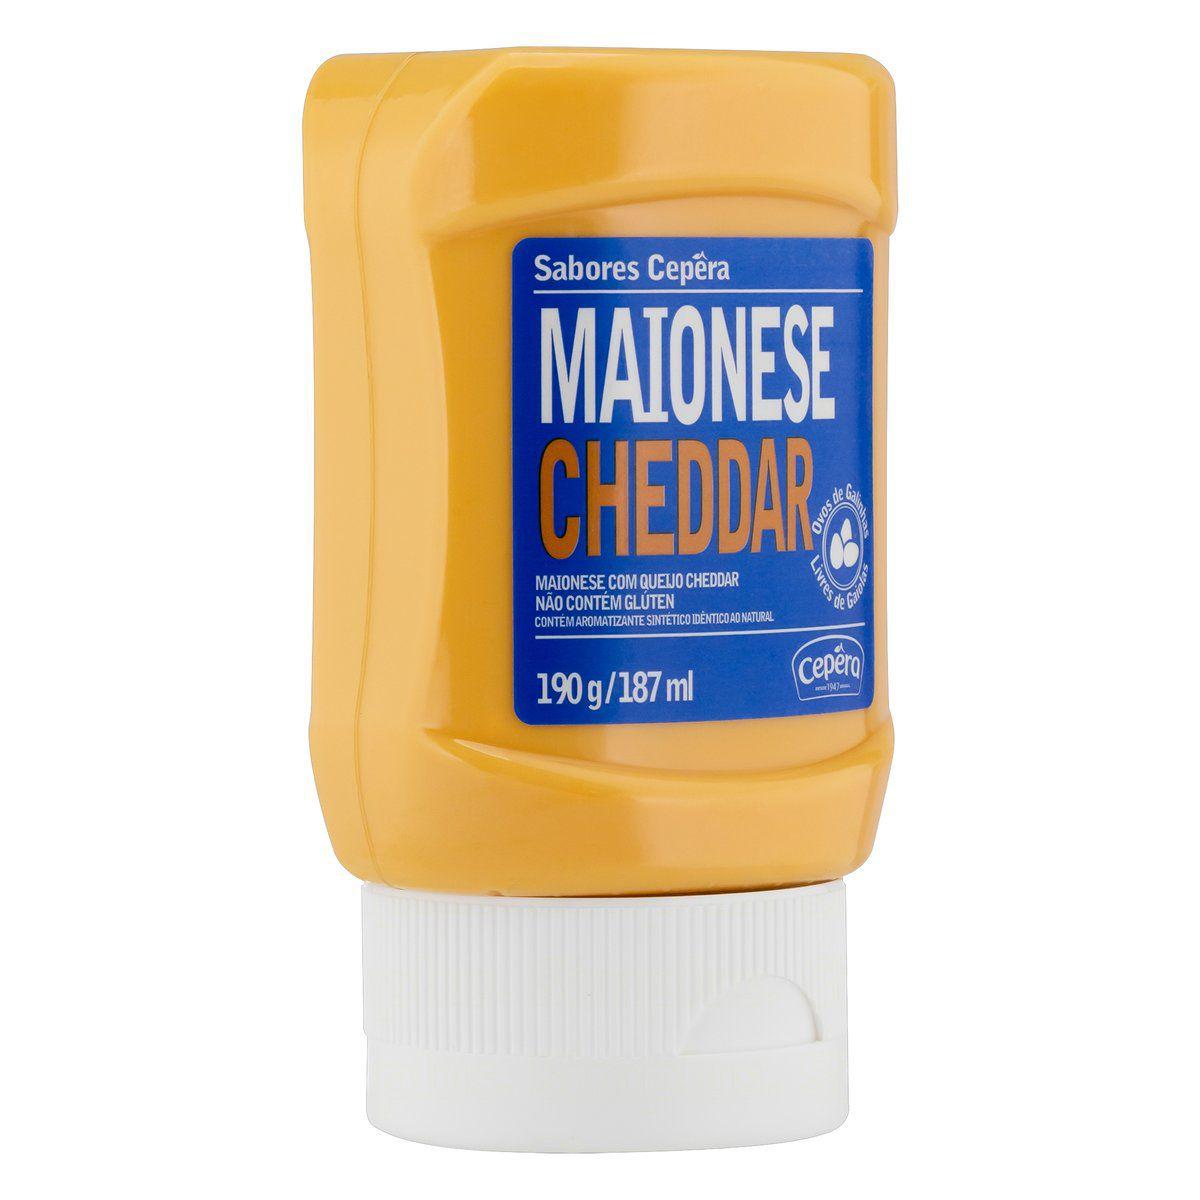 Maionese Cheddar 190g